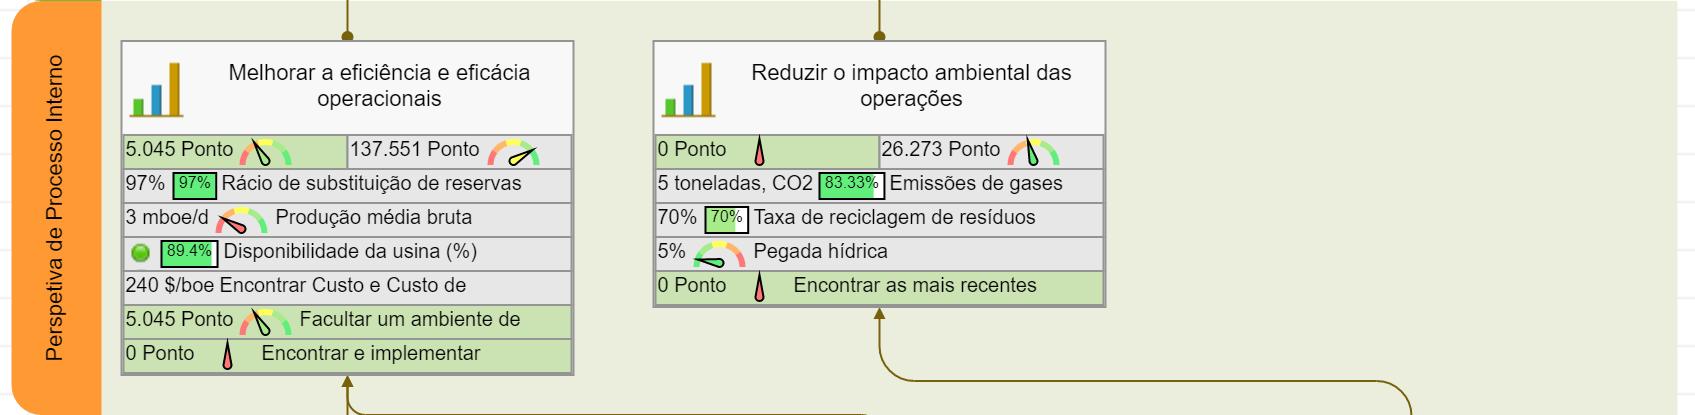 Scorecard de produto energético – Perspectiva de Processos Internos